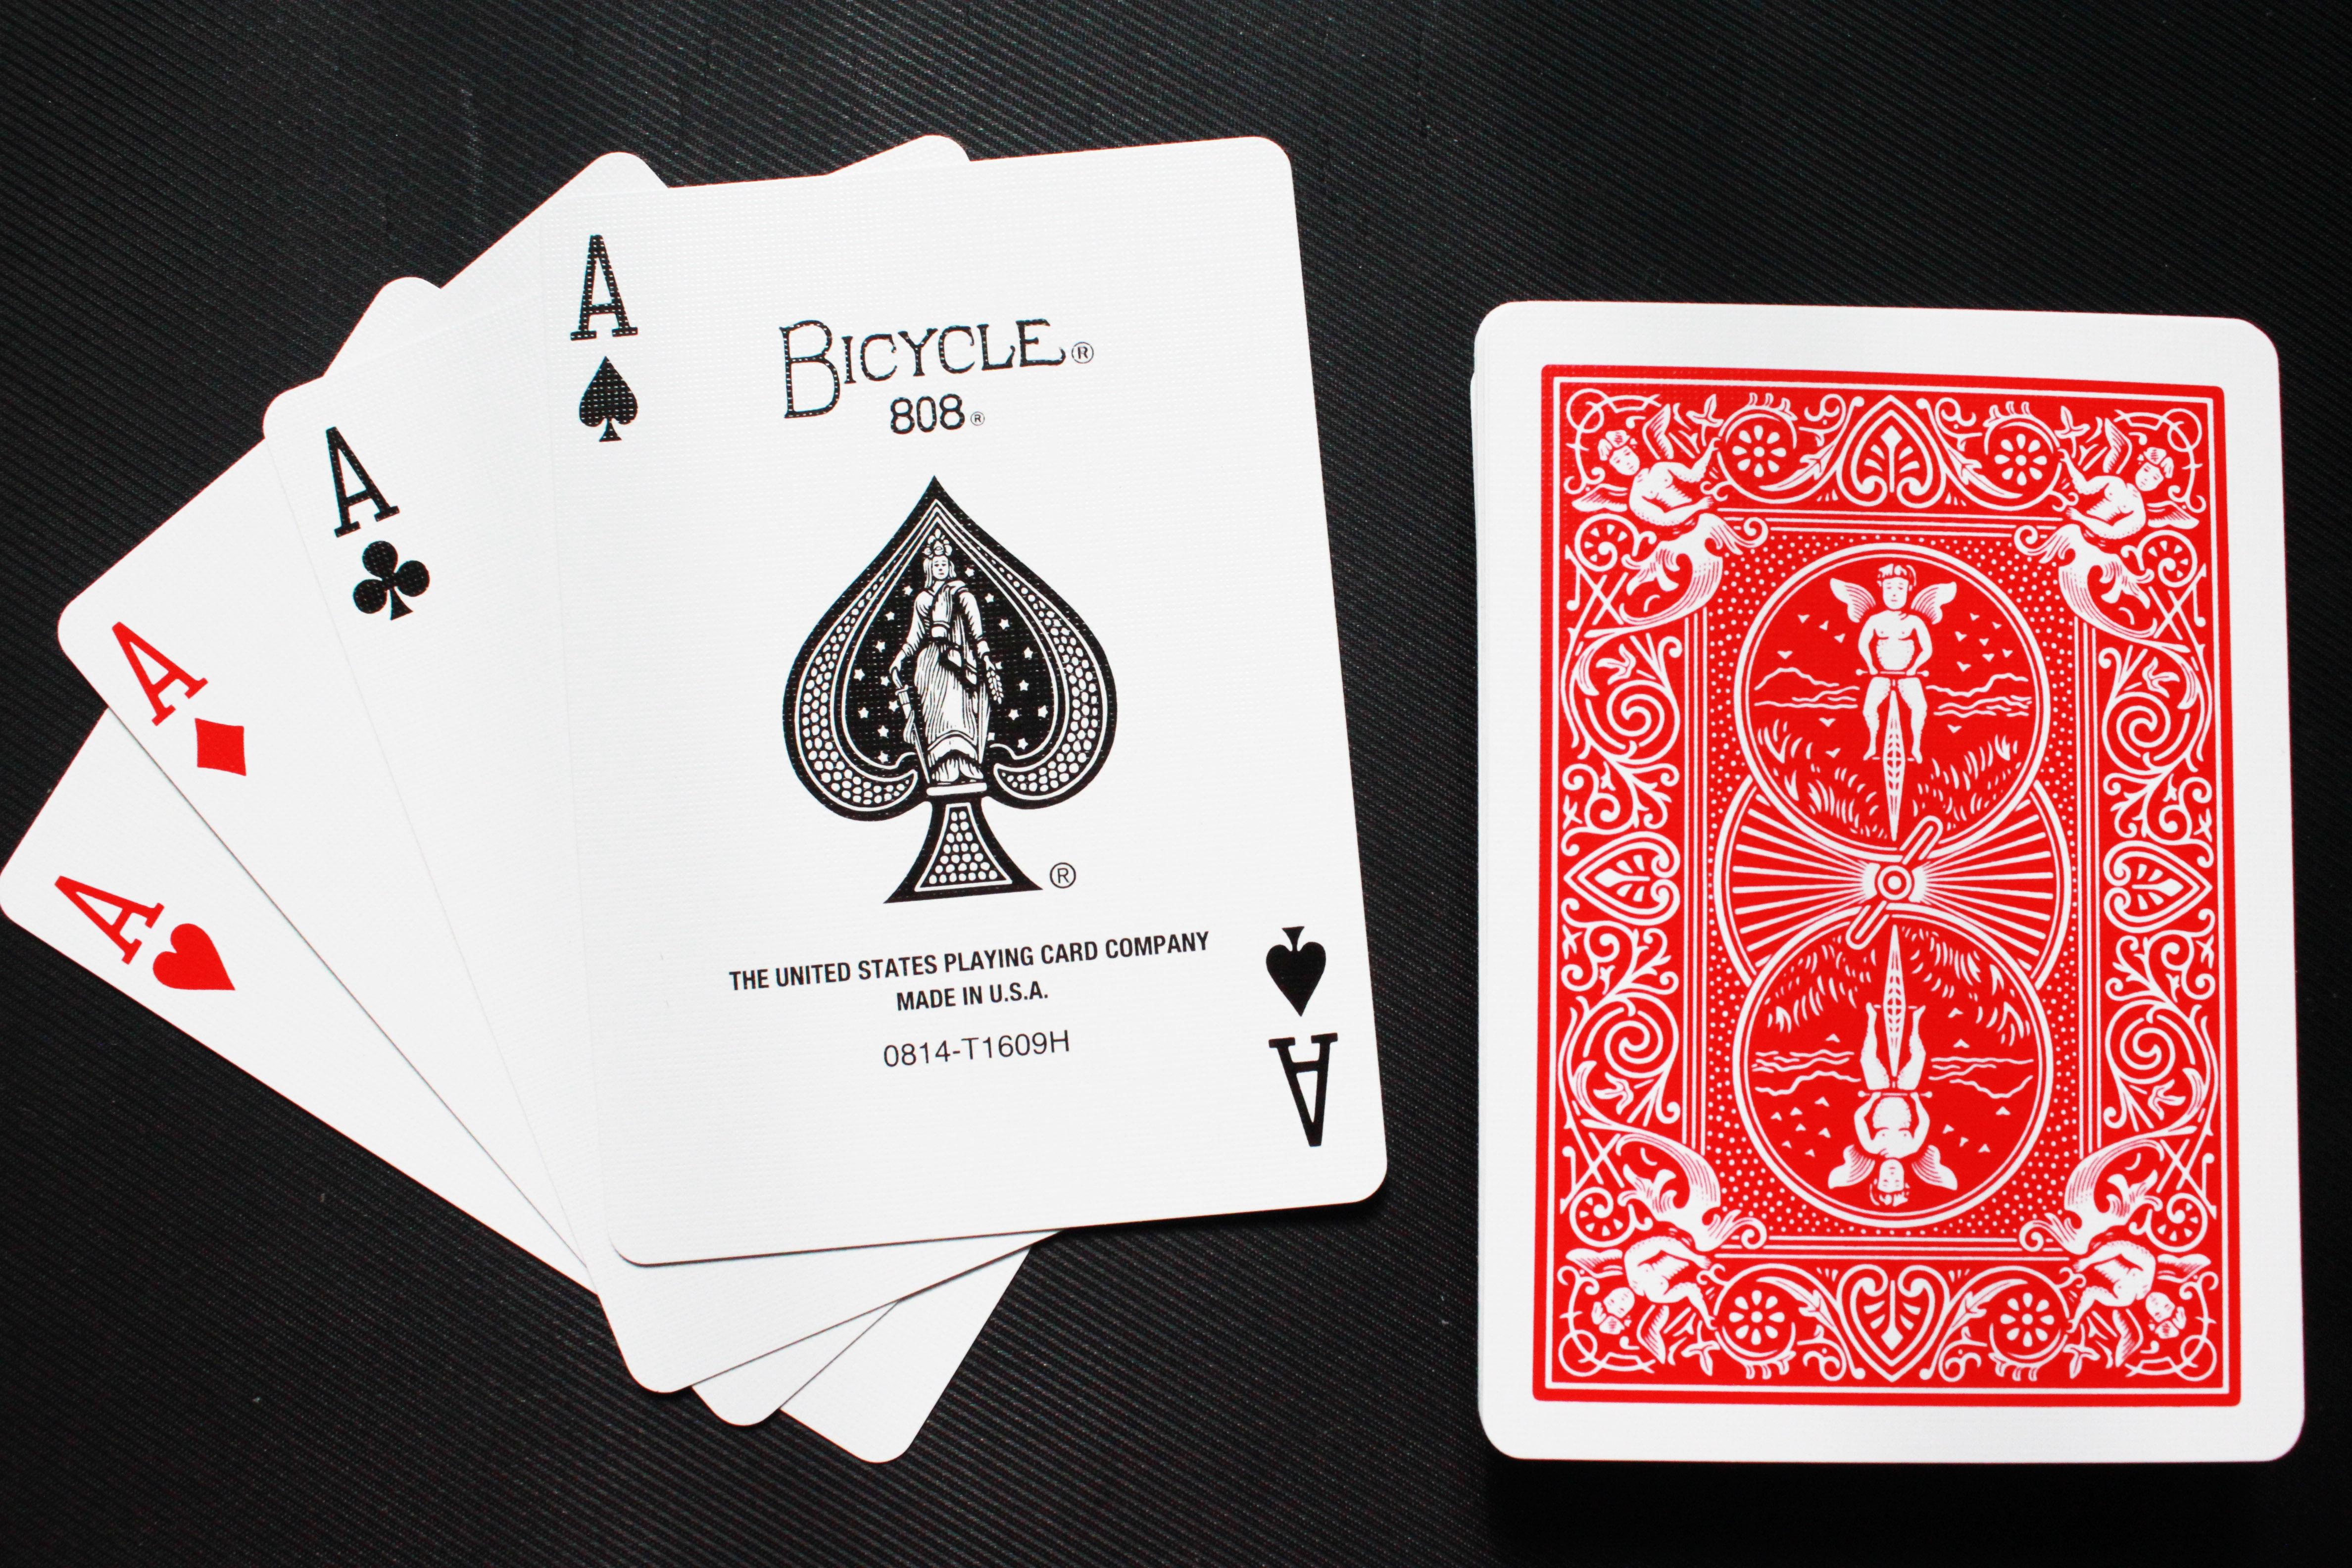 cubierta bicicleta patrn as tarjeta marca ilustracin diseo caligrafa juegos carta de juego tarjetas mgicas